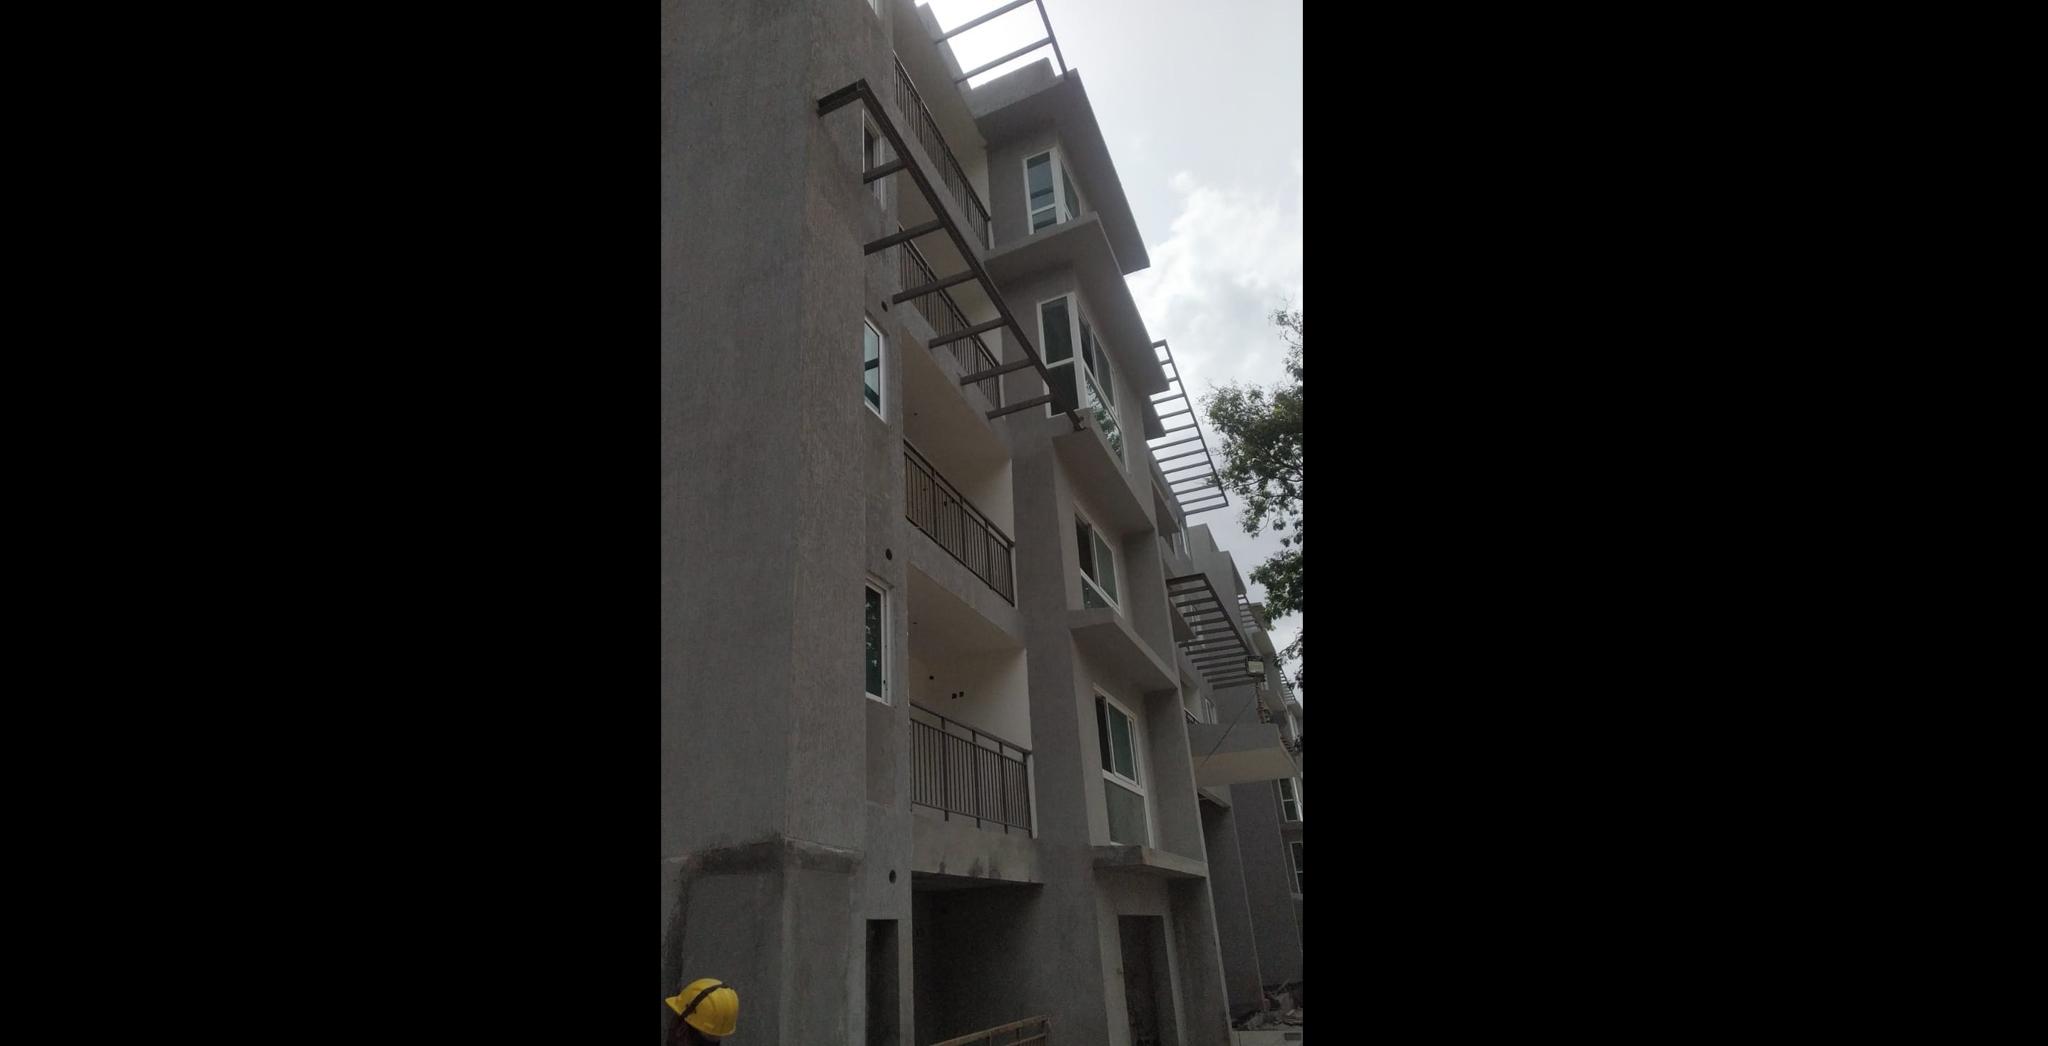 Sep 2021 - G block windows